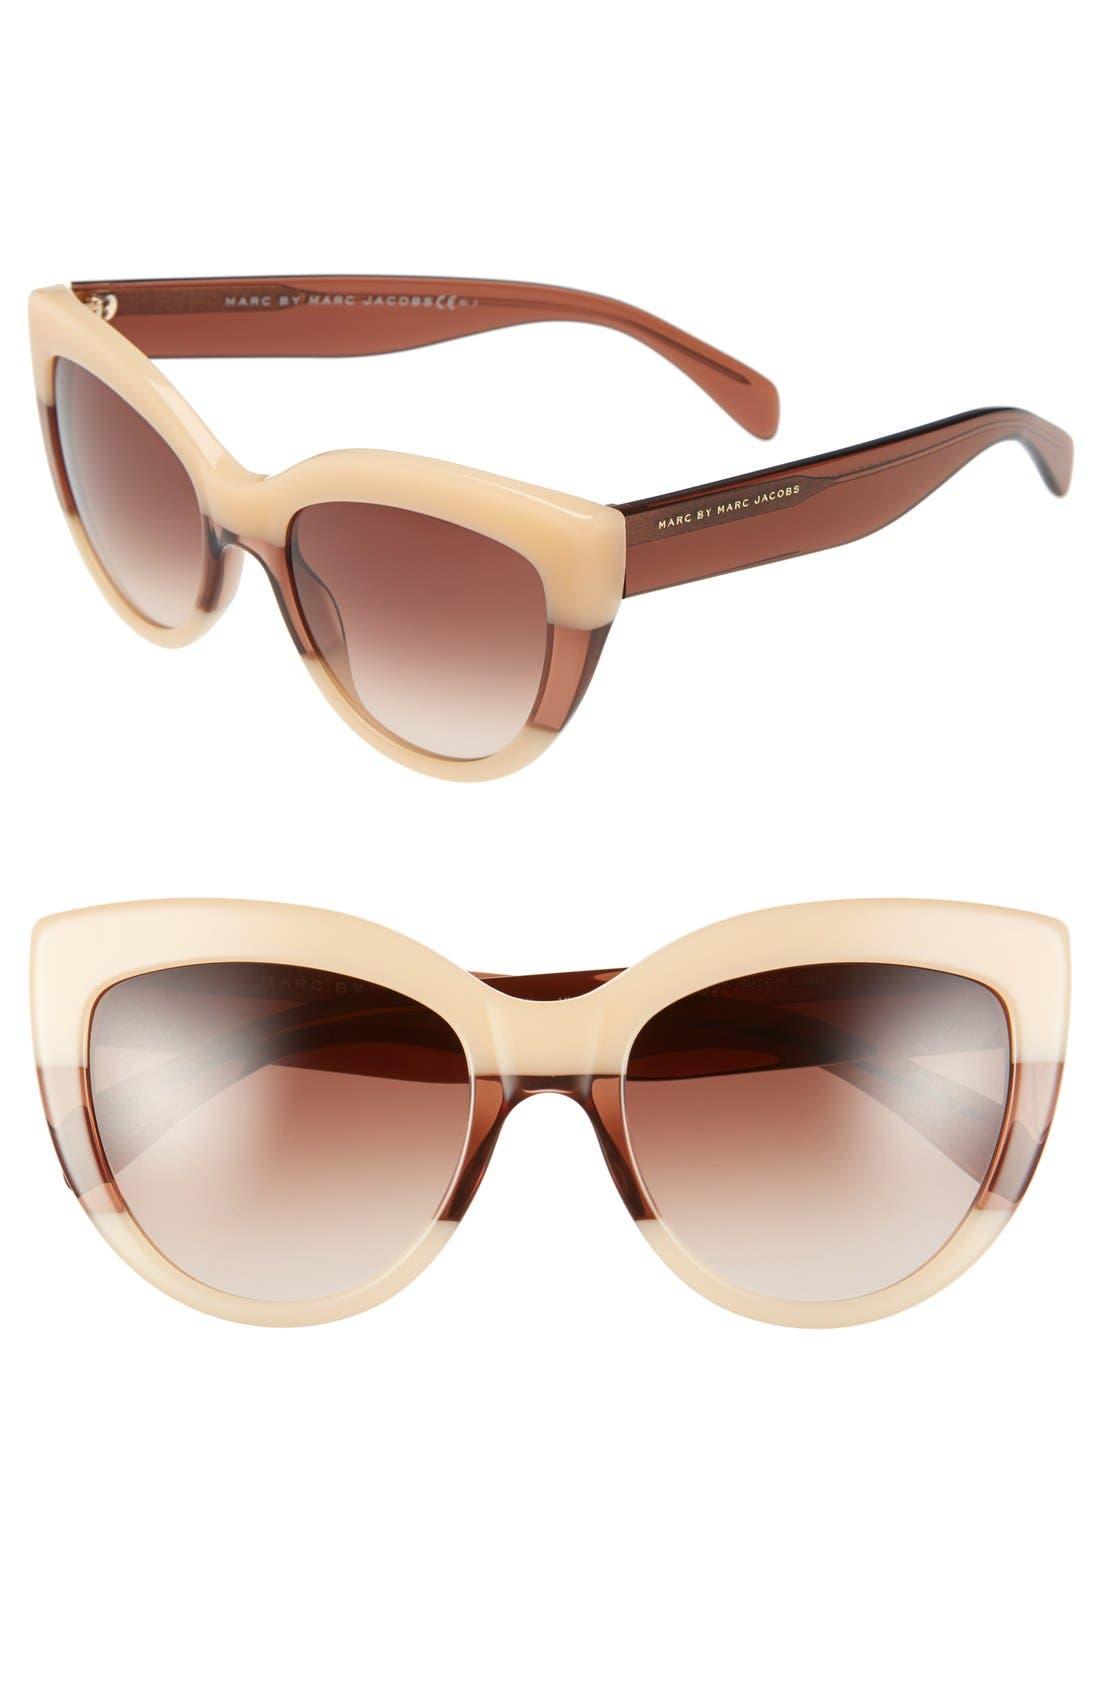 53mm Cat Eye Sunglasses,                         Main,                         color, Orange/ Brown